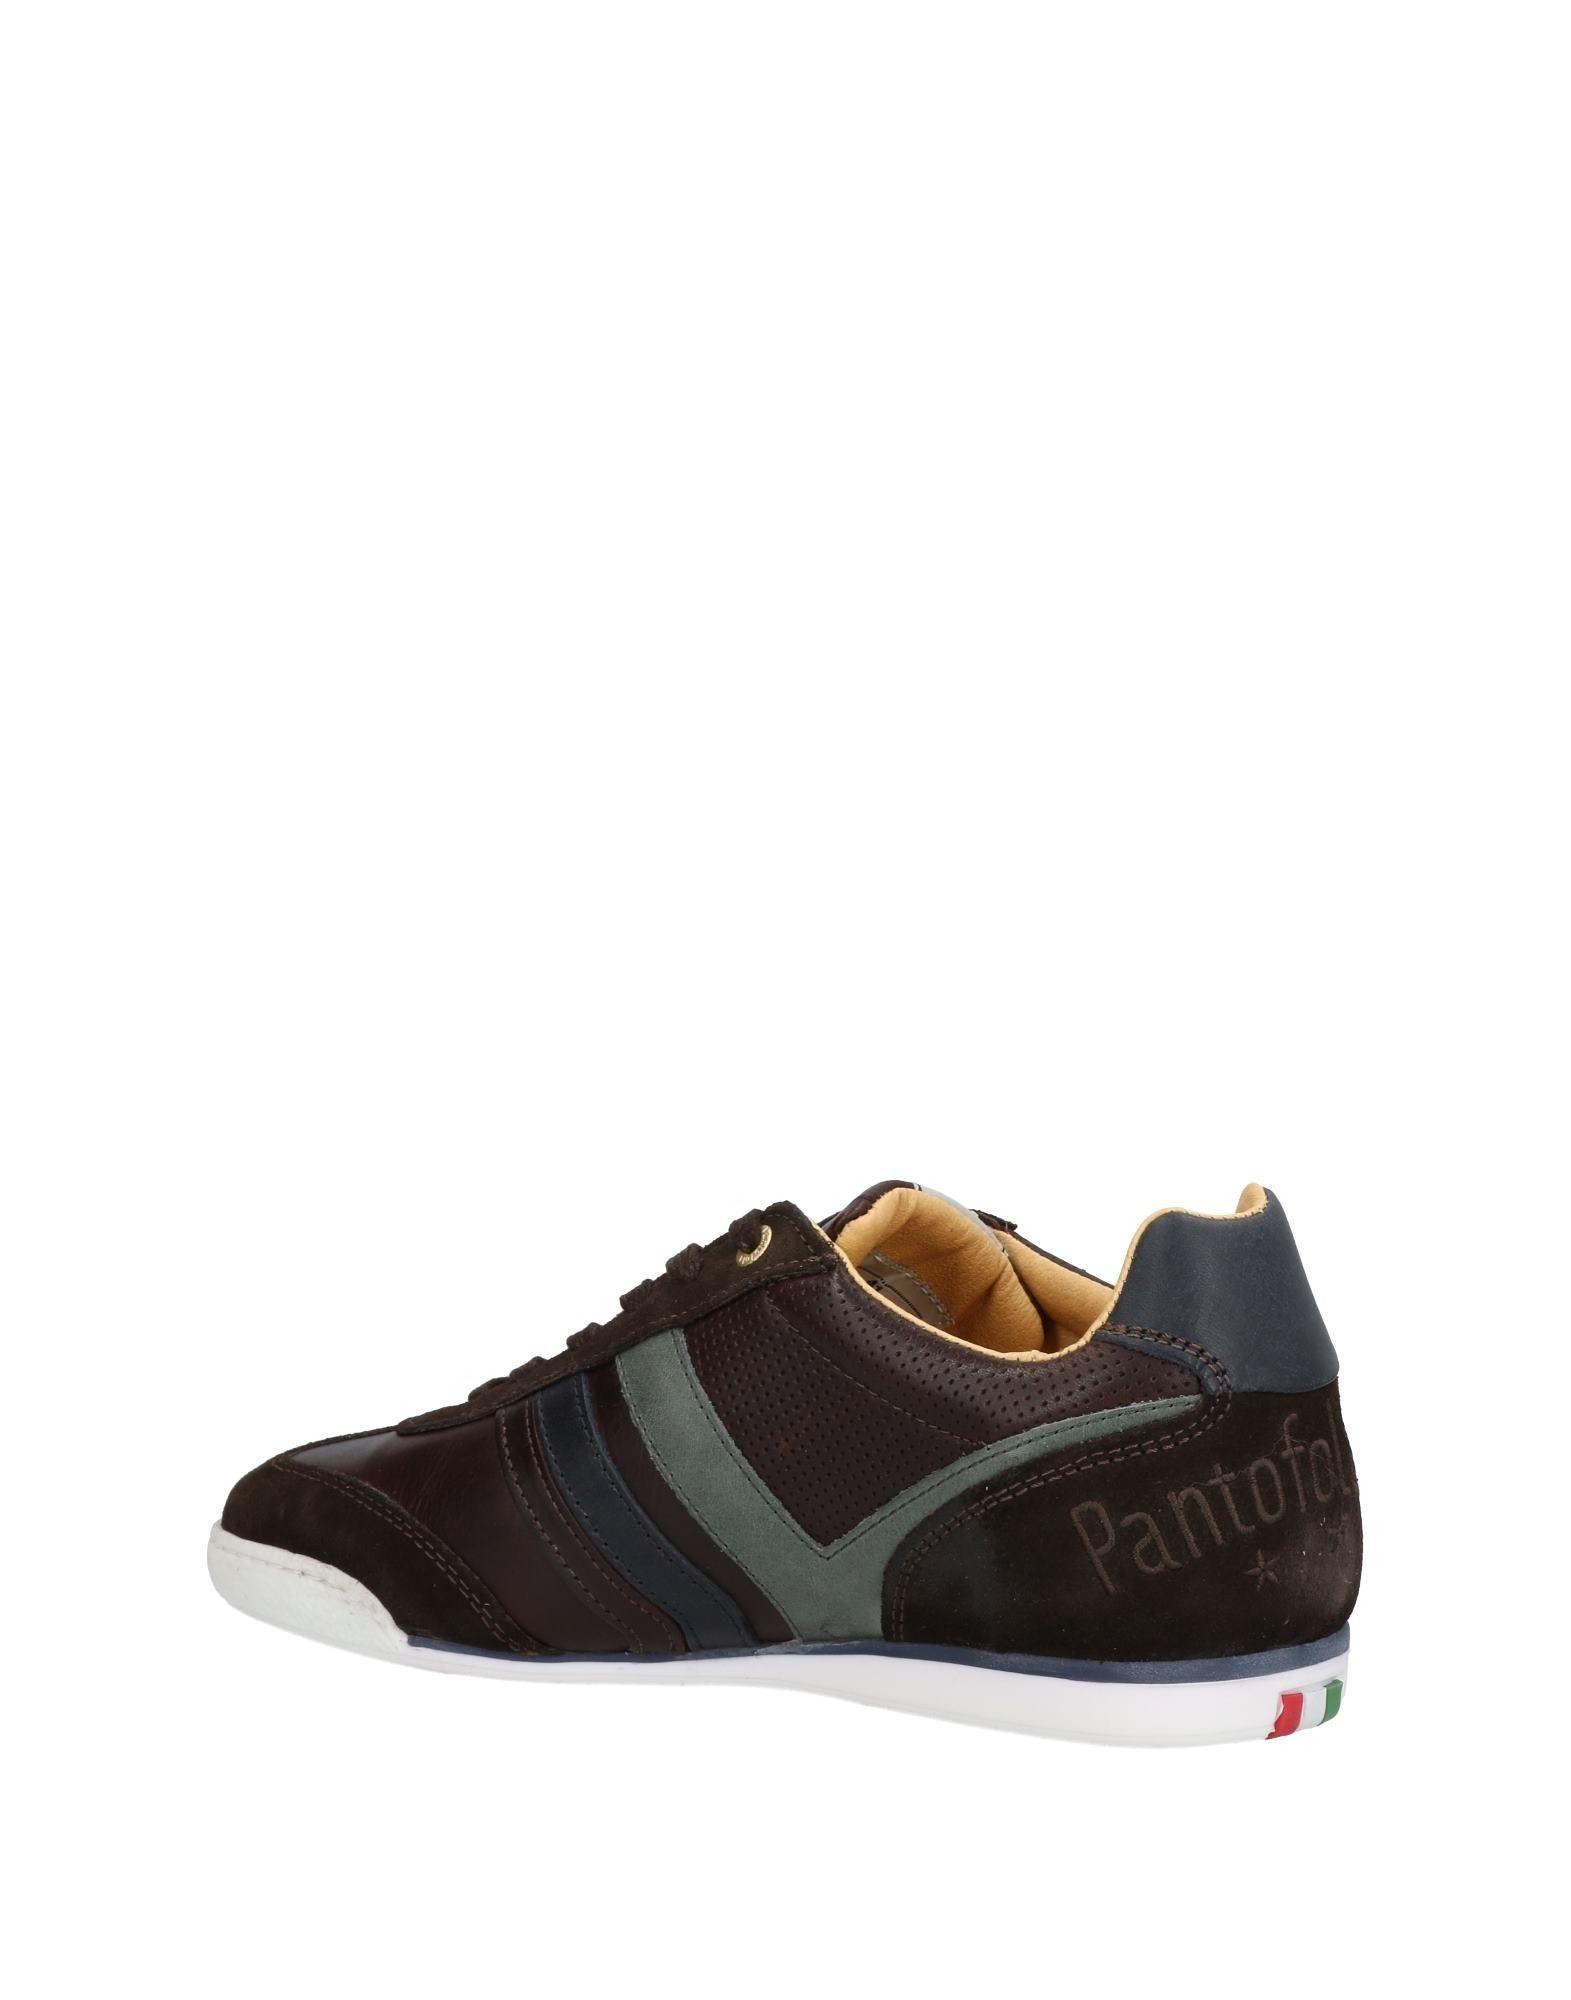 Sneakers Pantofola D'oro Uomo - 11456467TL